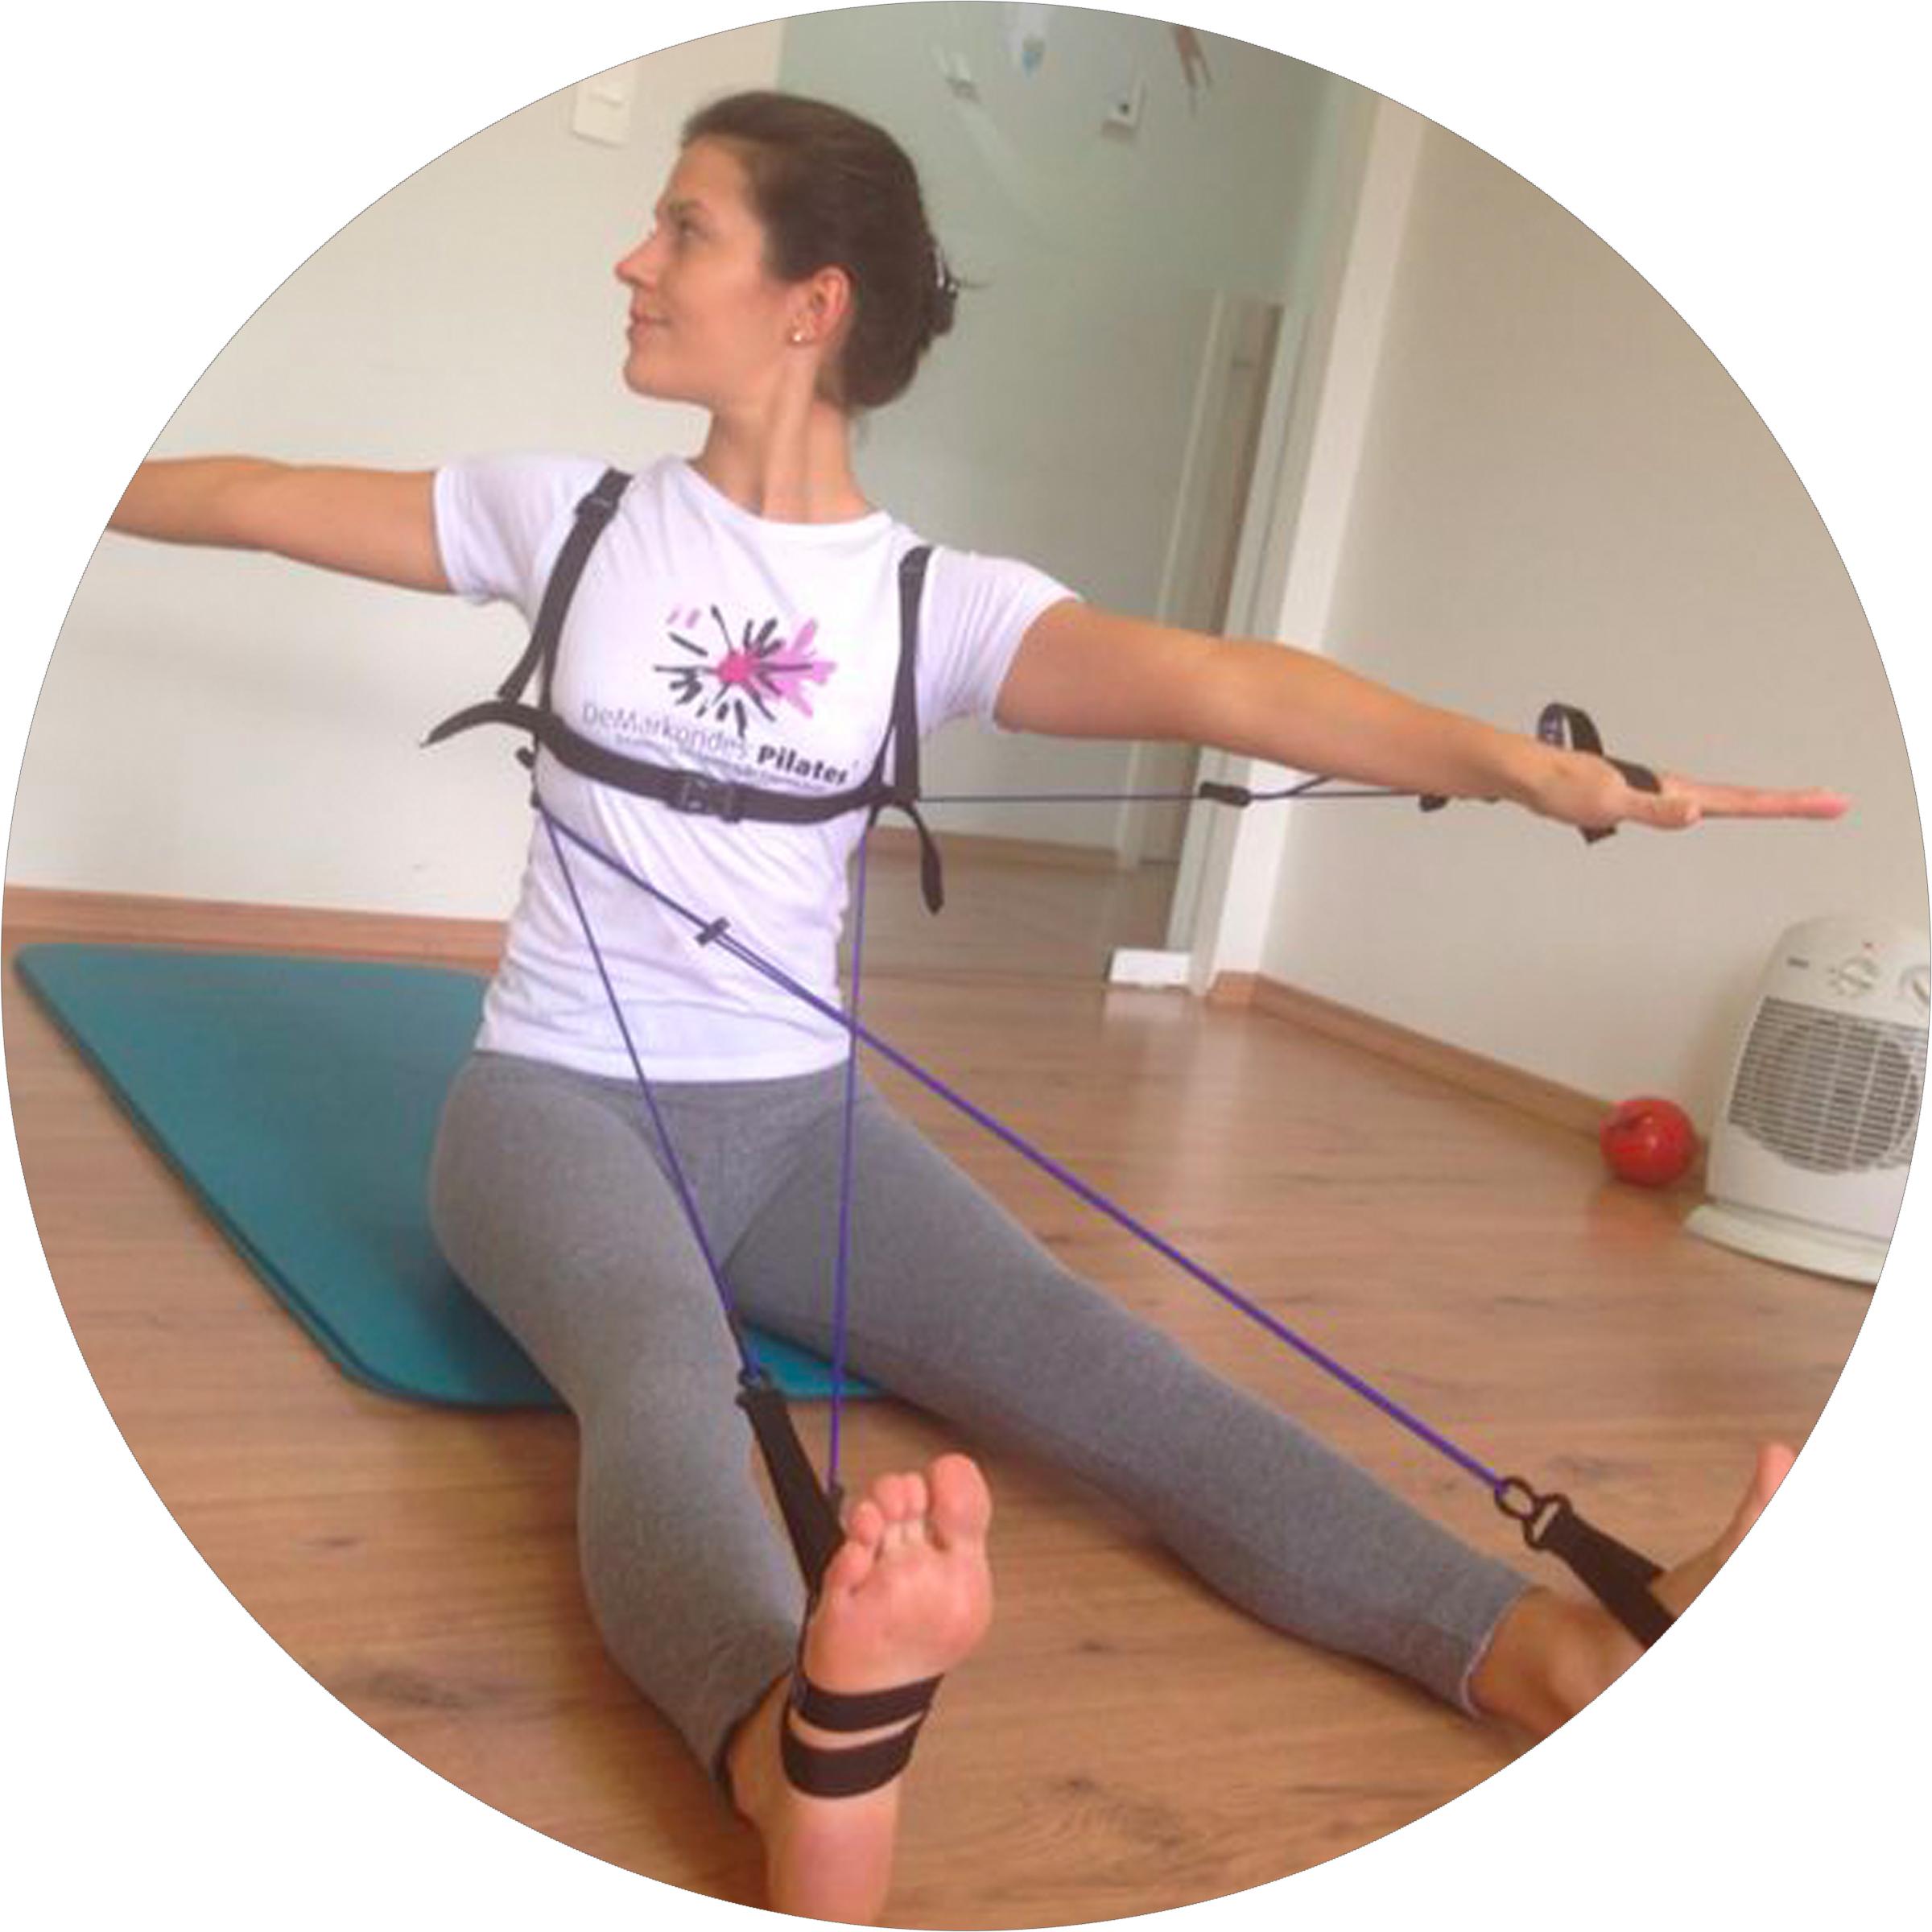 Spine Twist created by Elaine de Markondes, Brazil.